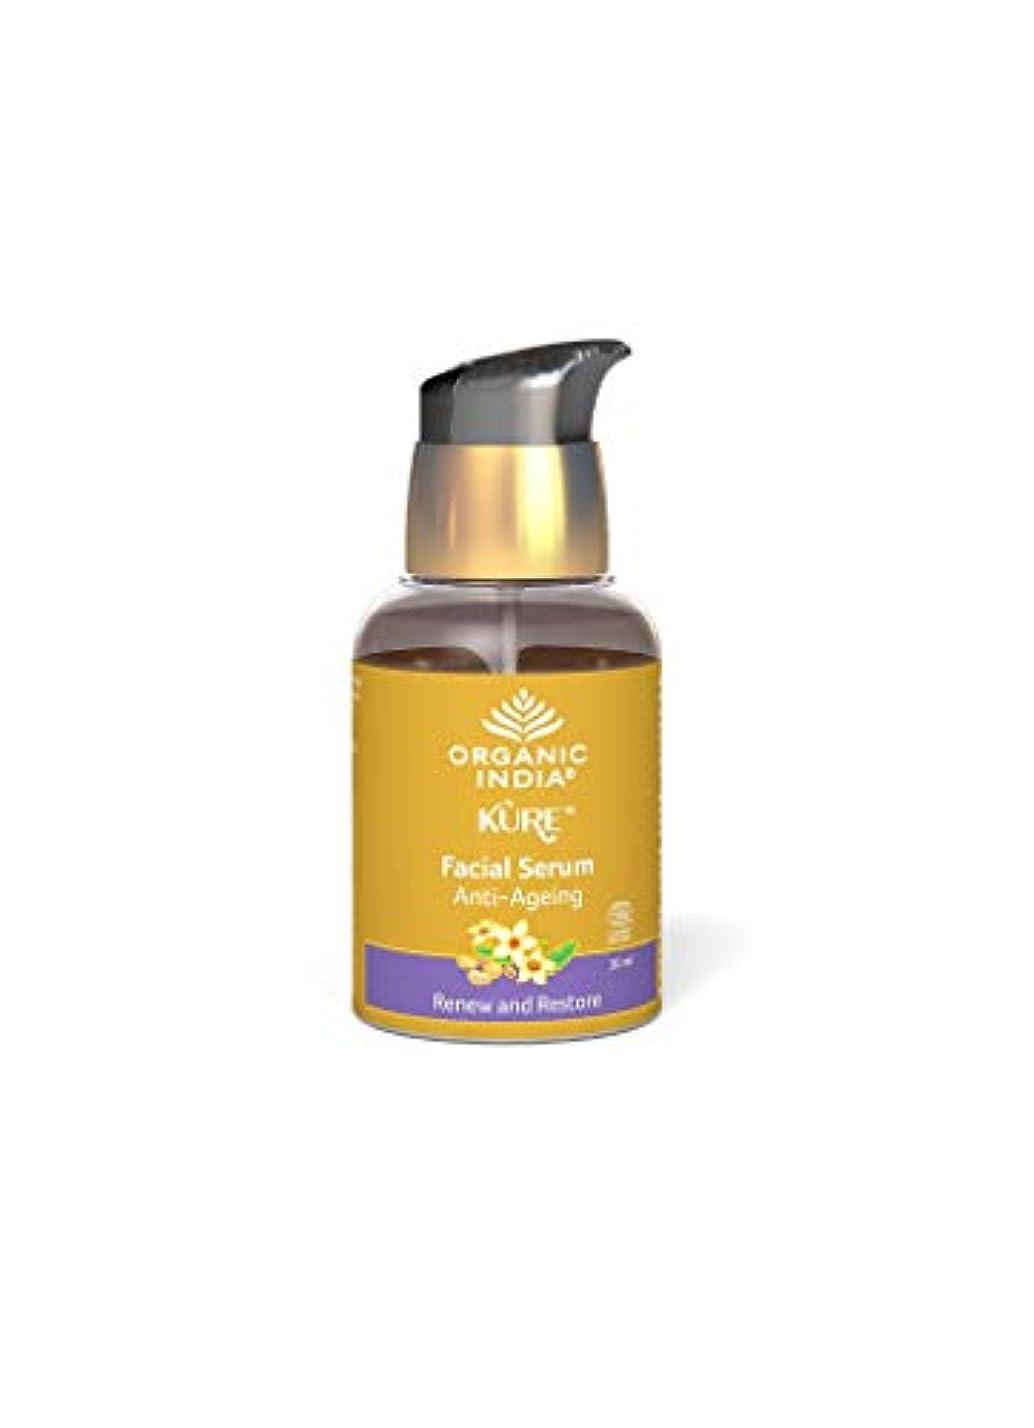 こねるジェットしないでくださいOrganic India Facial Serum Anti-Ageing, 30 ml